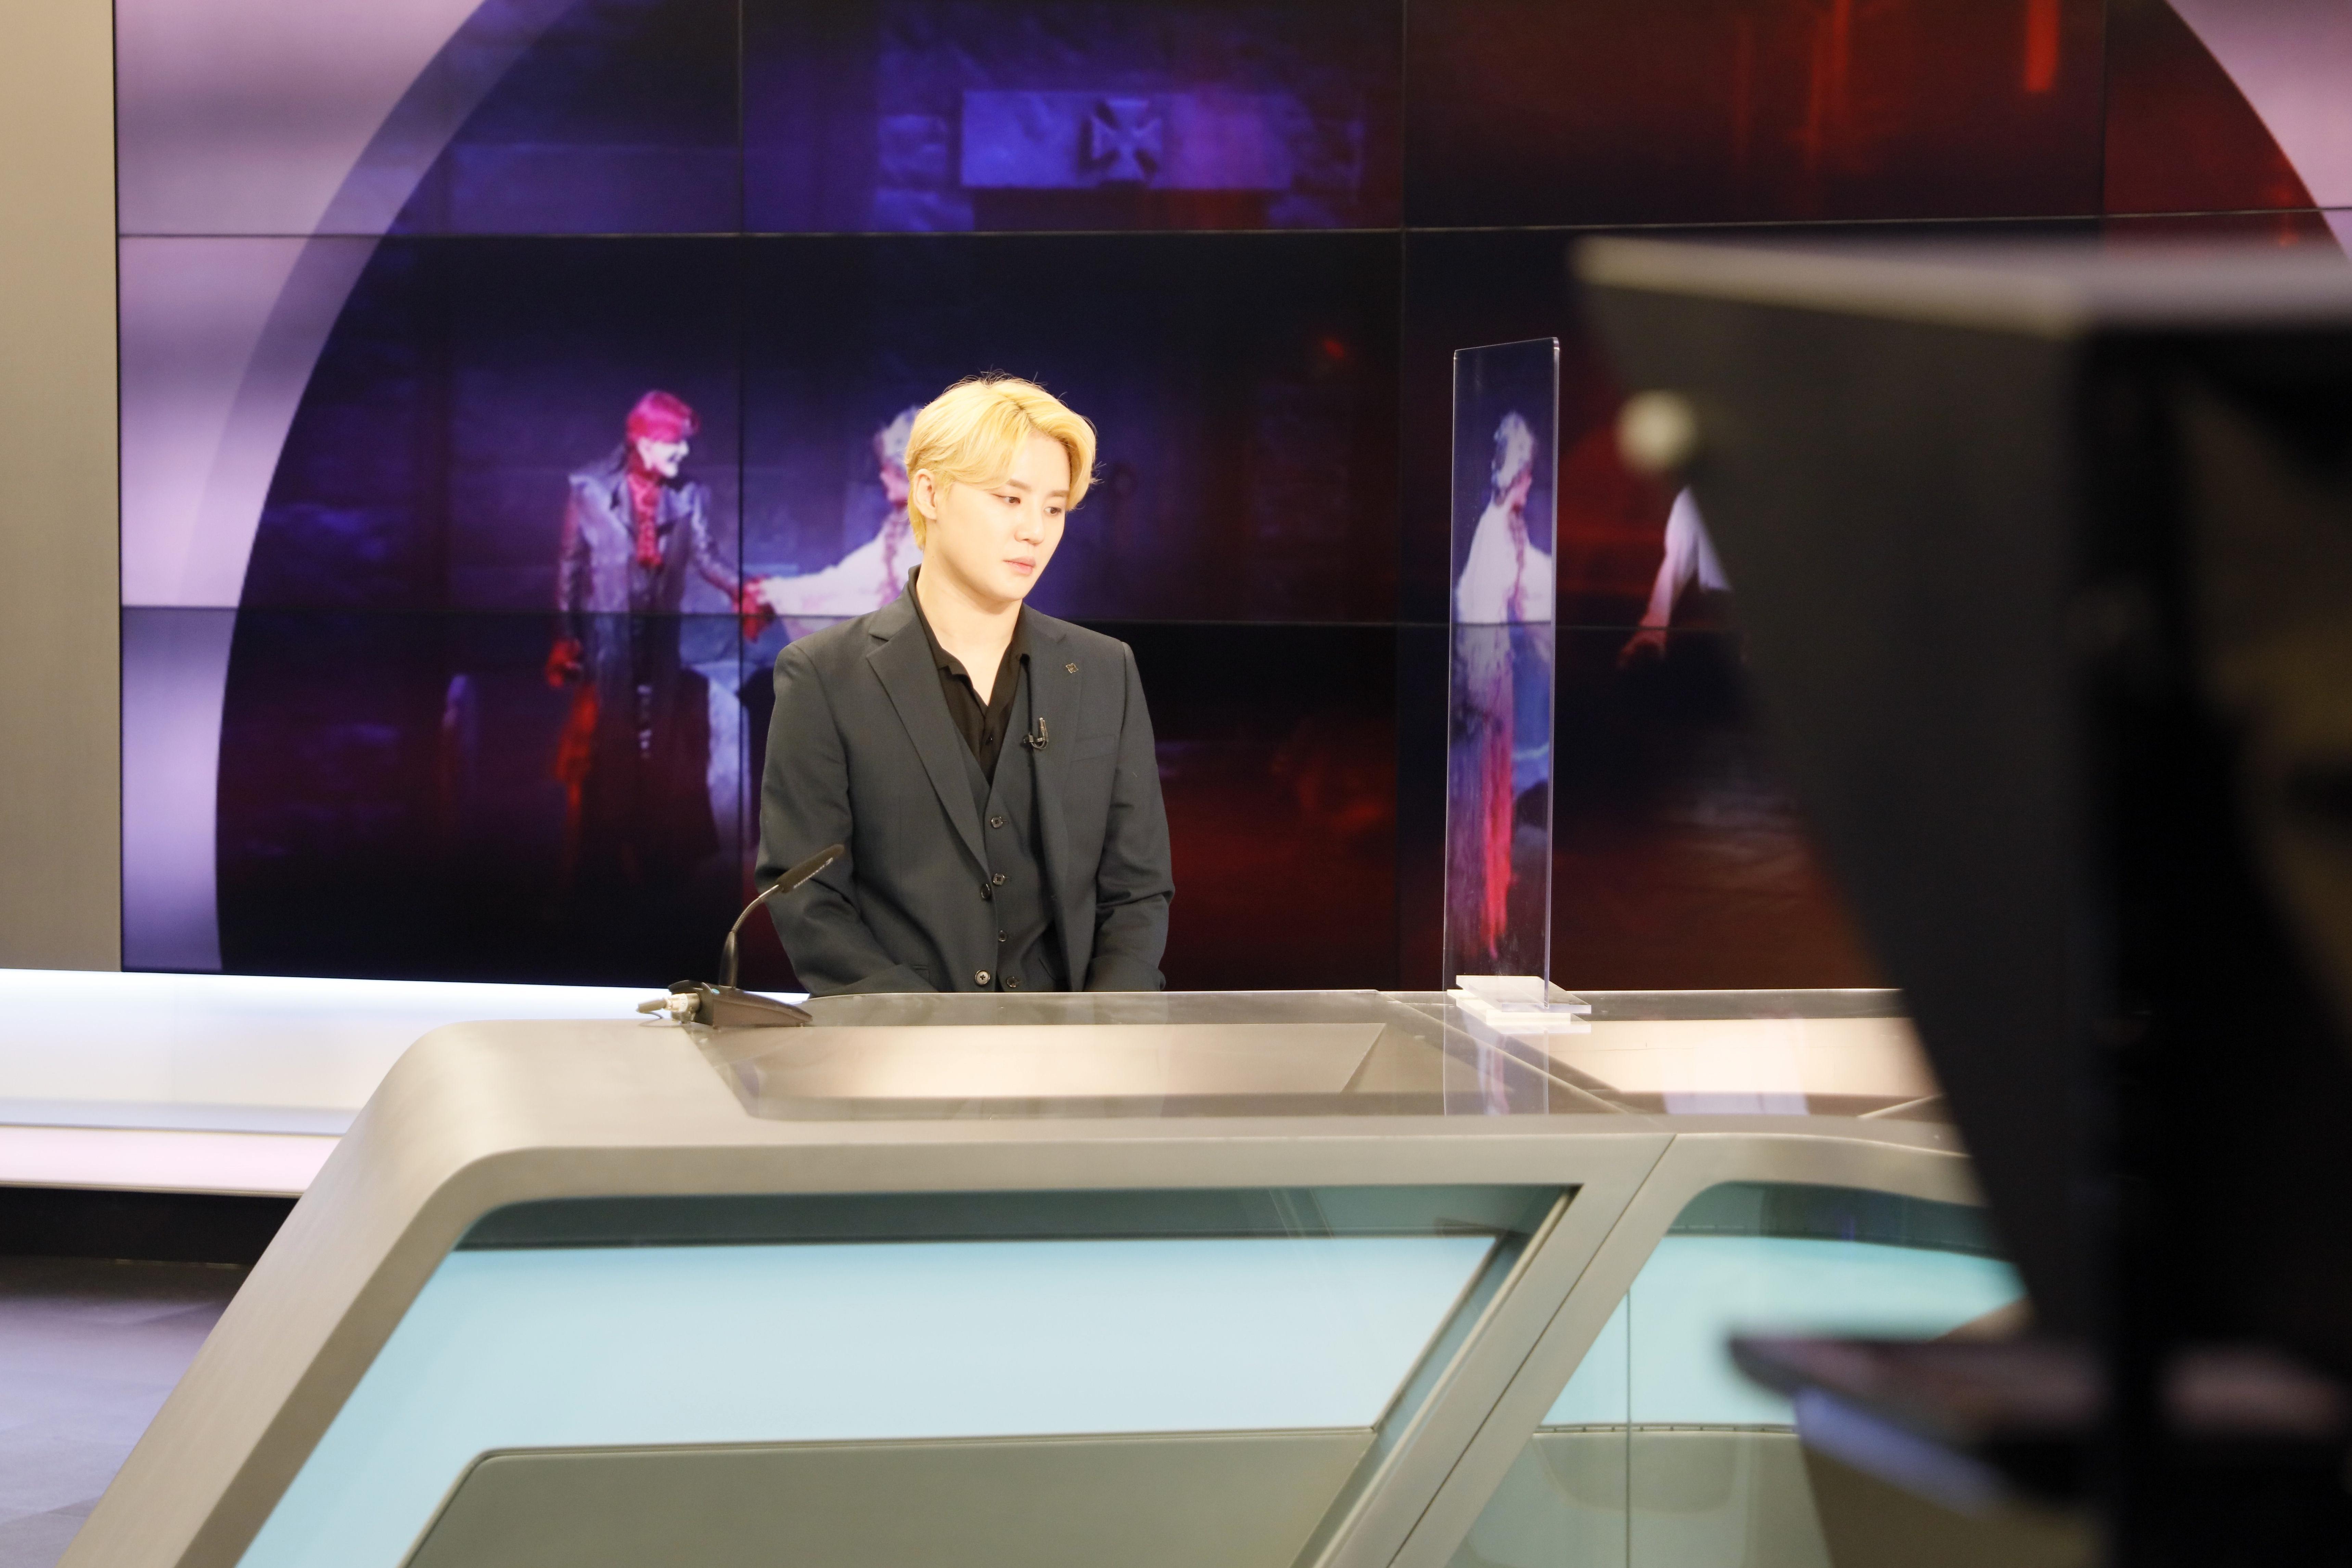 [와찾사] 배우 김준수